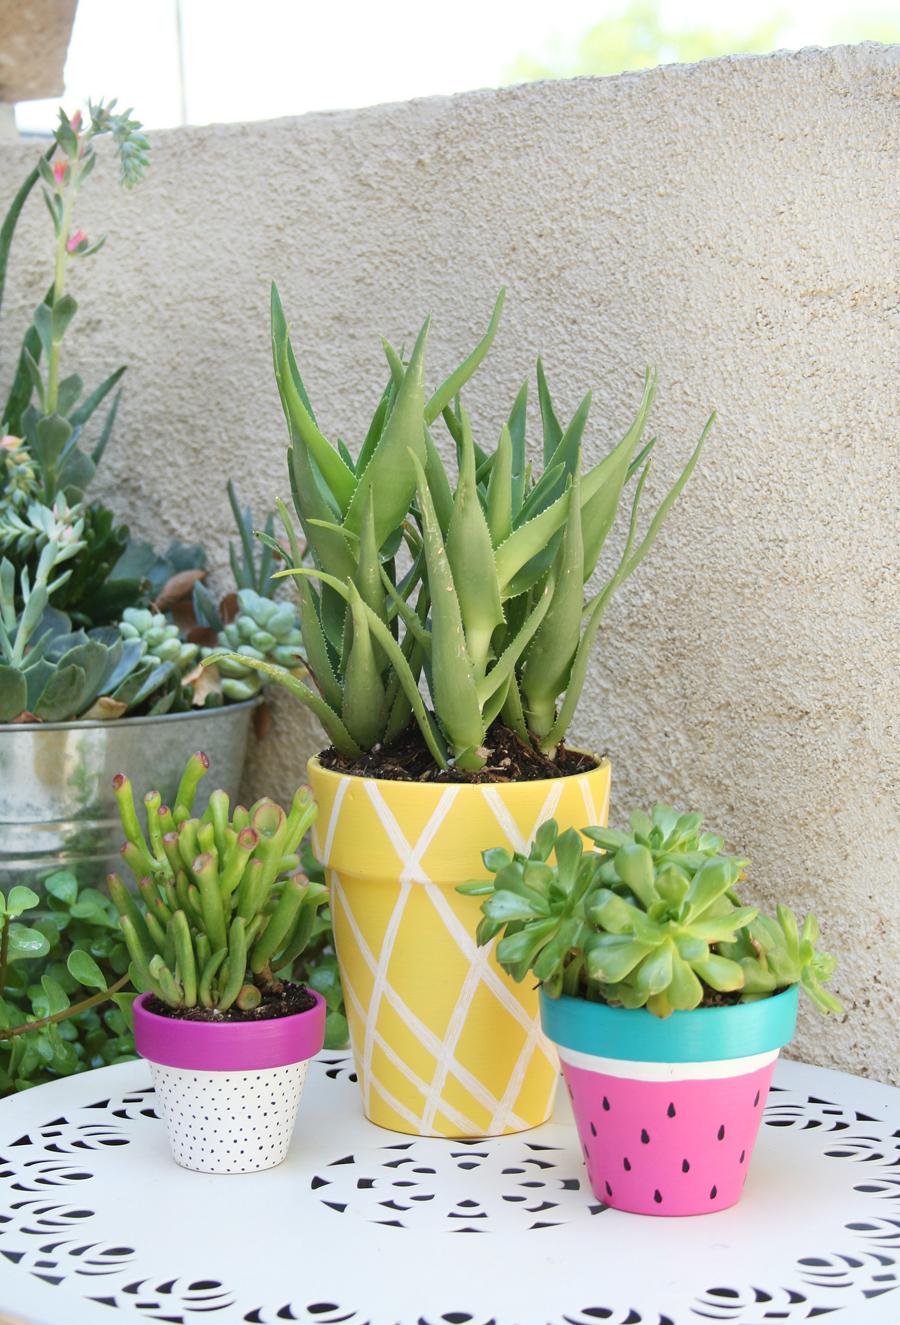 idée comment fabriquer un diy pot de fleur soi meme, pots en terre cuite, repeints de couleurs diverses et motifs fruits de tropicaux, pasteque, ananas, fruit du dragon, deco exterieur